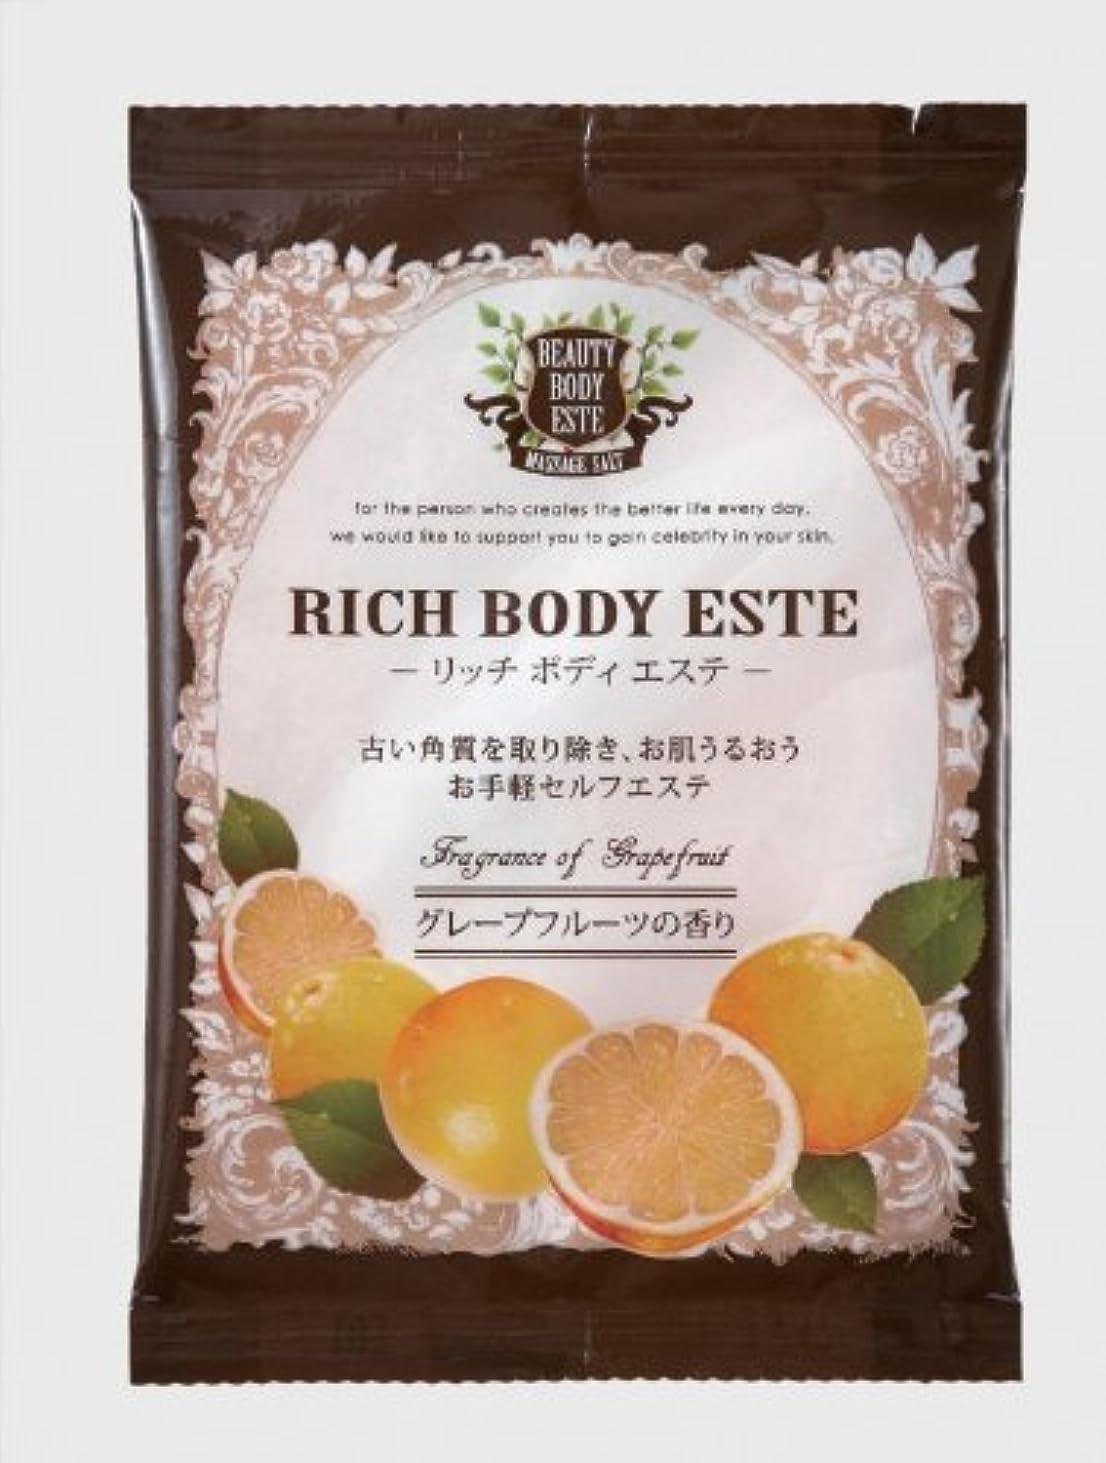 起業家改修する形式リッチボディエステ マッサージソルト(グレープフルーツの香り)50g (フラワー系)